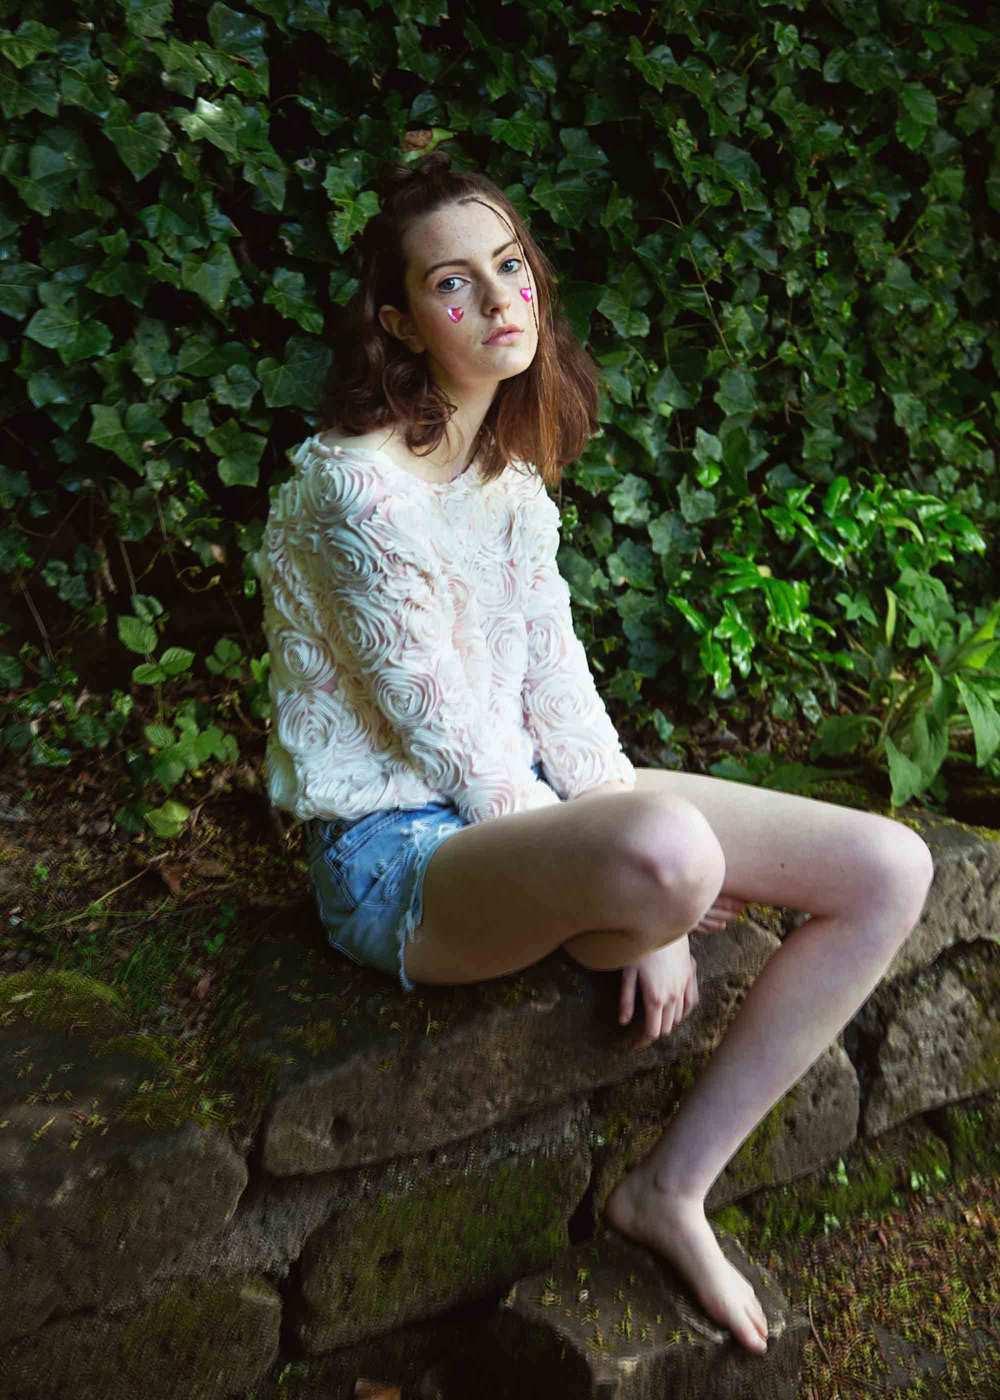 jumper: vintage;  shorts: levi's